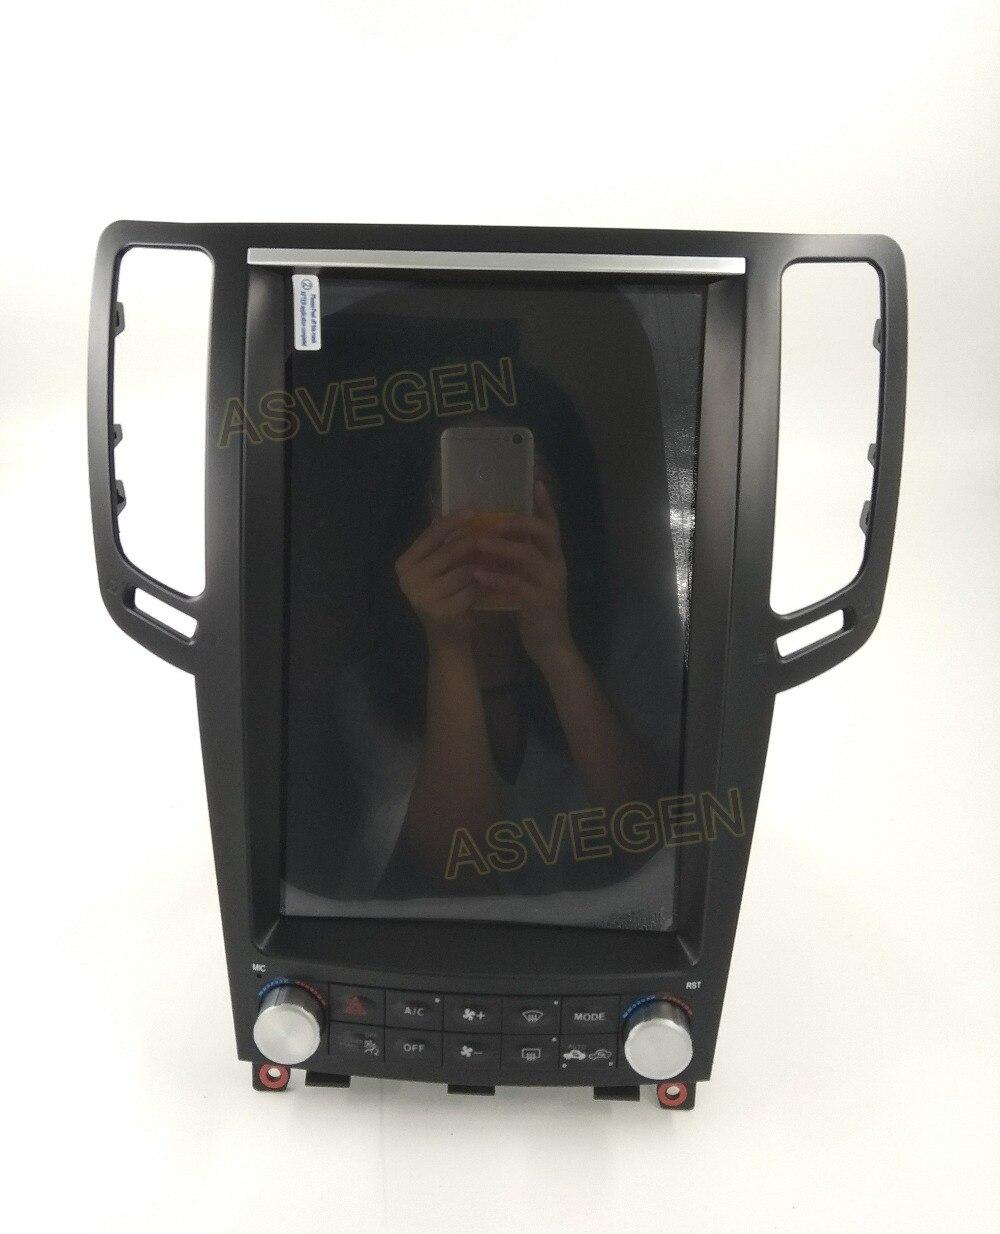 Автомобиль видео для Infiniti G25 G37 G35 G37SAndroid 7,1 Системы 2G 32G вертикальный Экран стайлинга автомобилей навигации мультимедийный плеер автомобиля